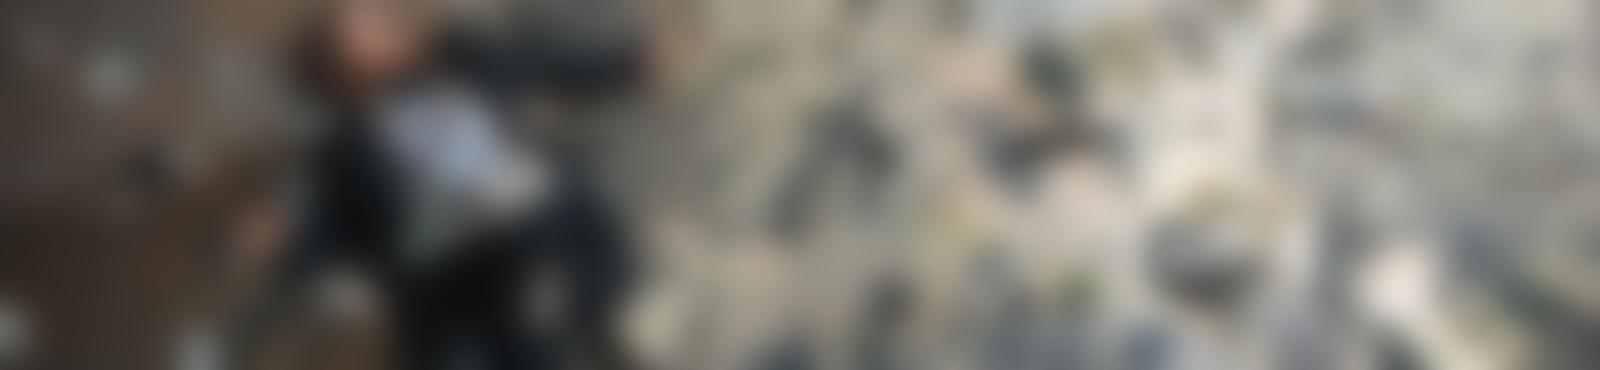 Blurred 662275e4 f4a3 4acb abe0 5acf7bc883c3